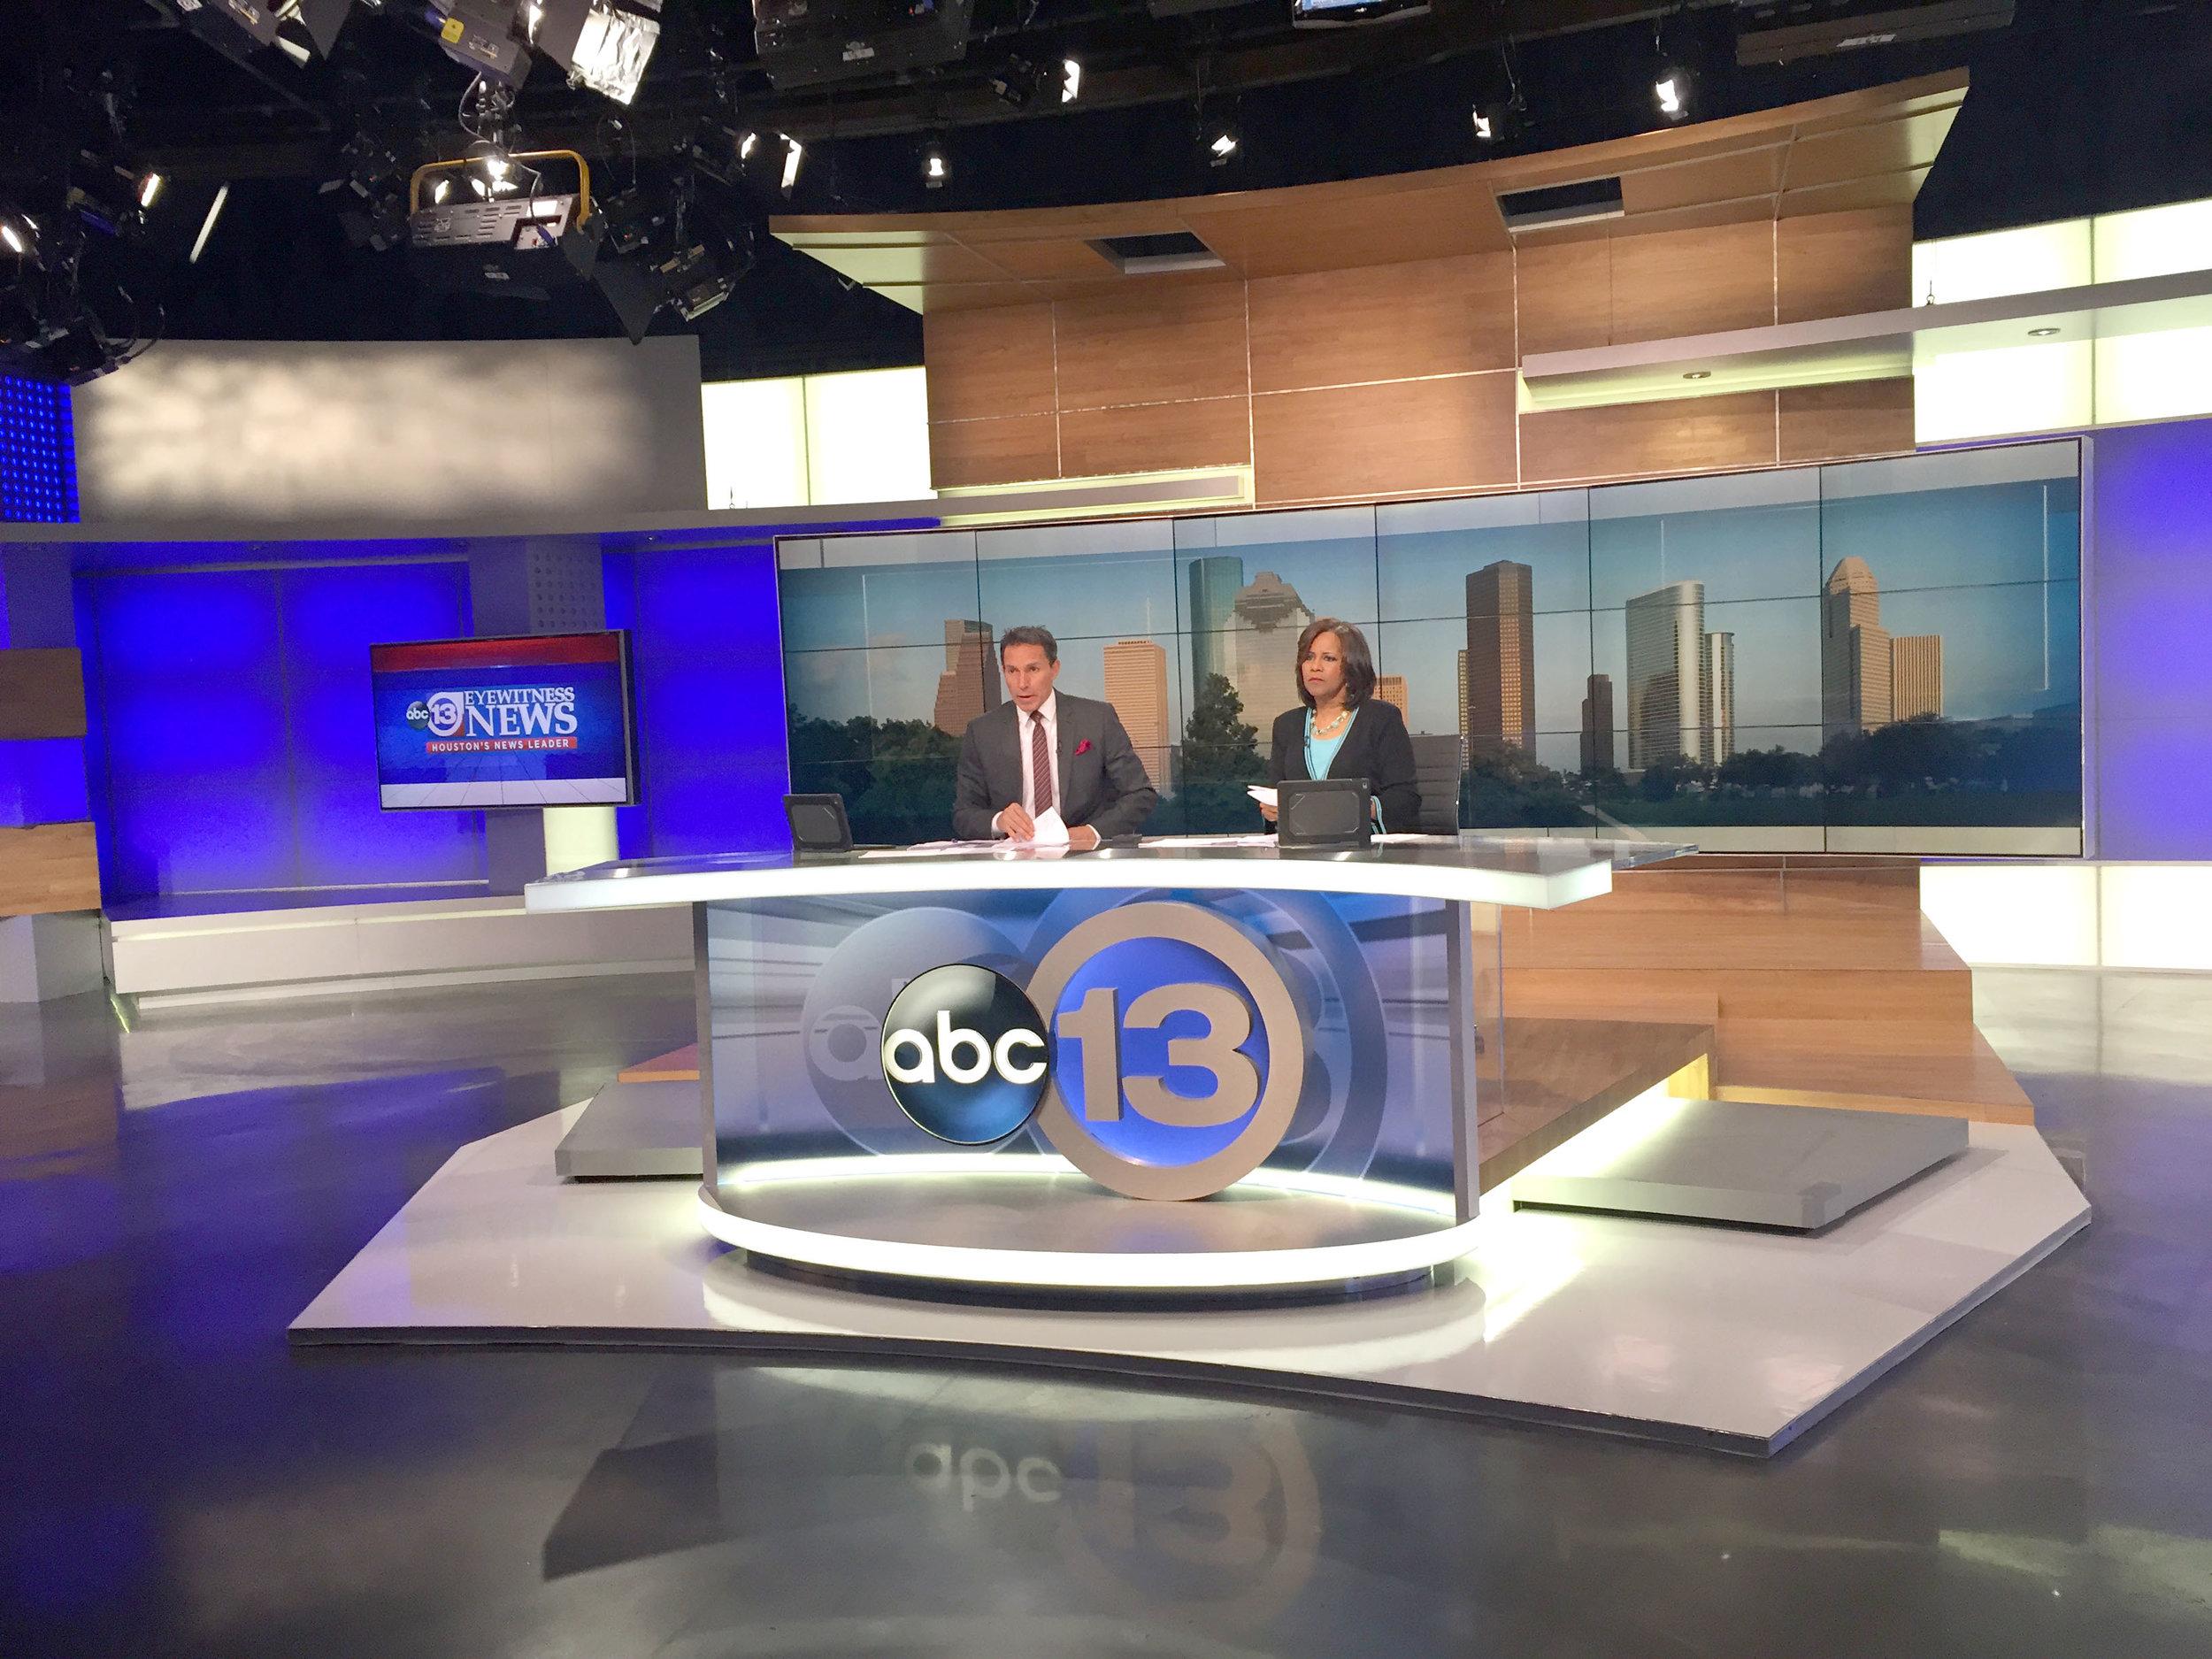 ABC 13 KTRK - Houston